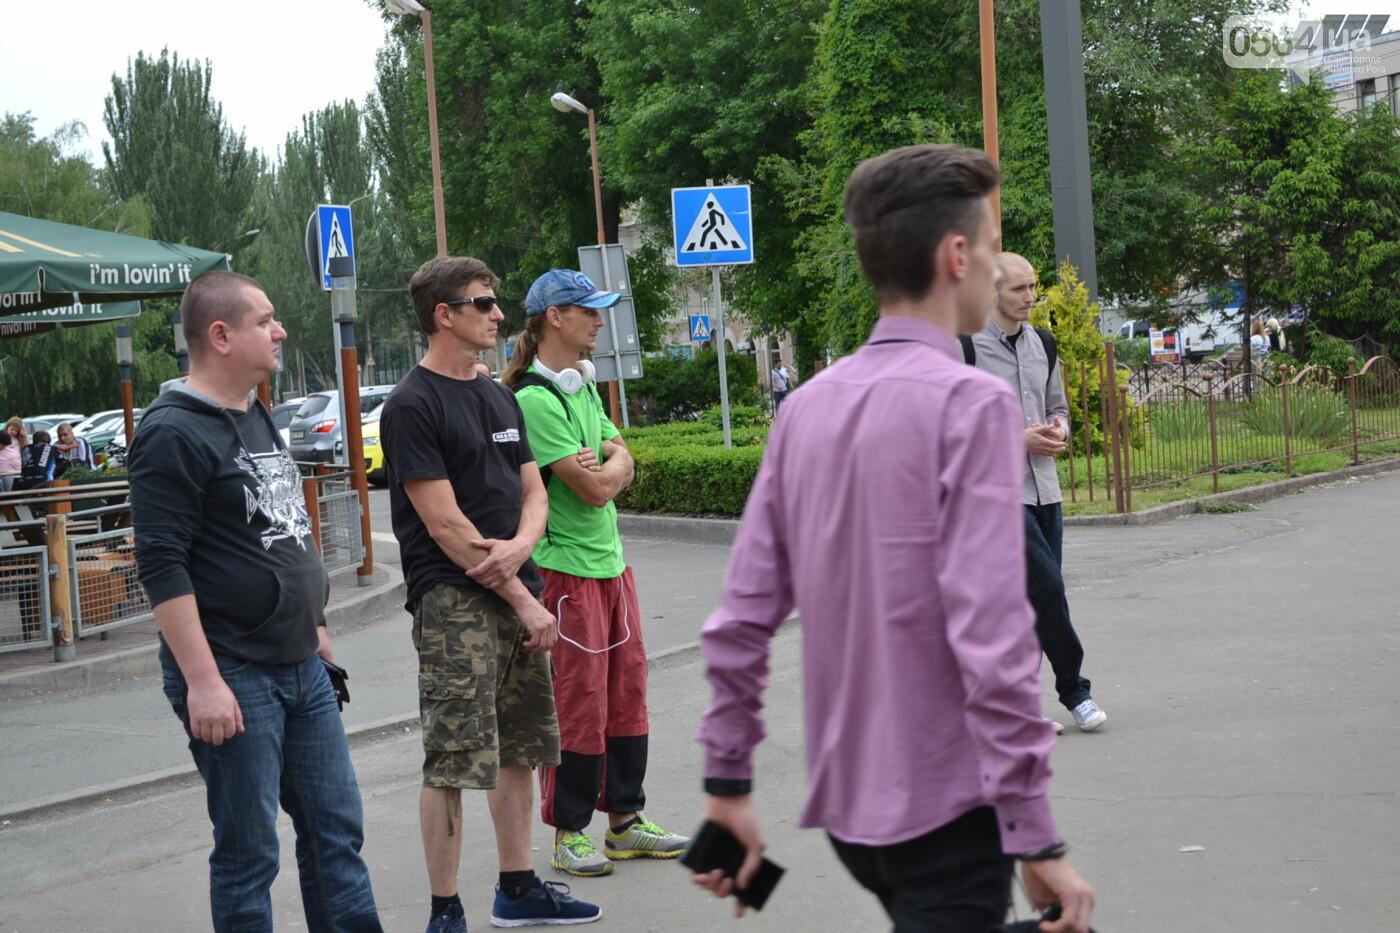 Концерт от Madisan Rock Club: криворожские музыканты поддержали юную Алину Михалковскую, - ФОТО, ВИДЕО, фото-11